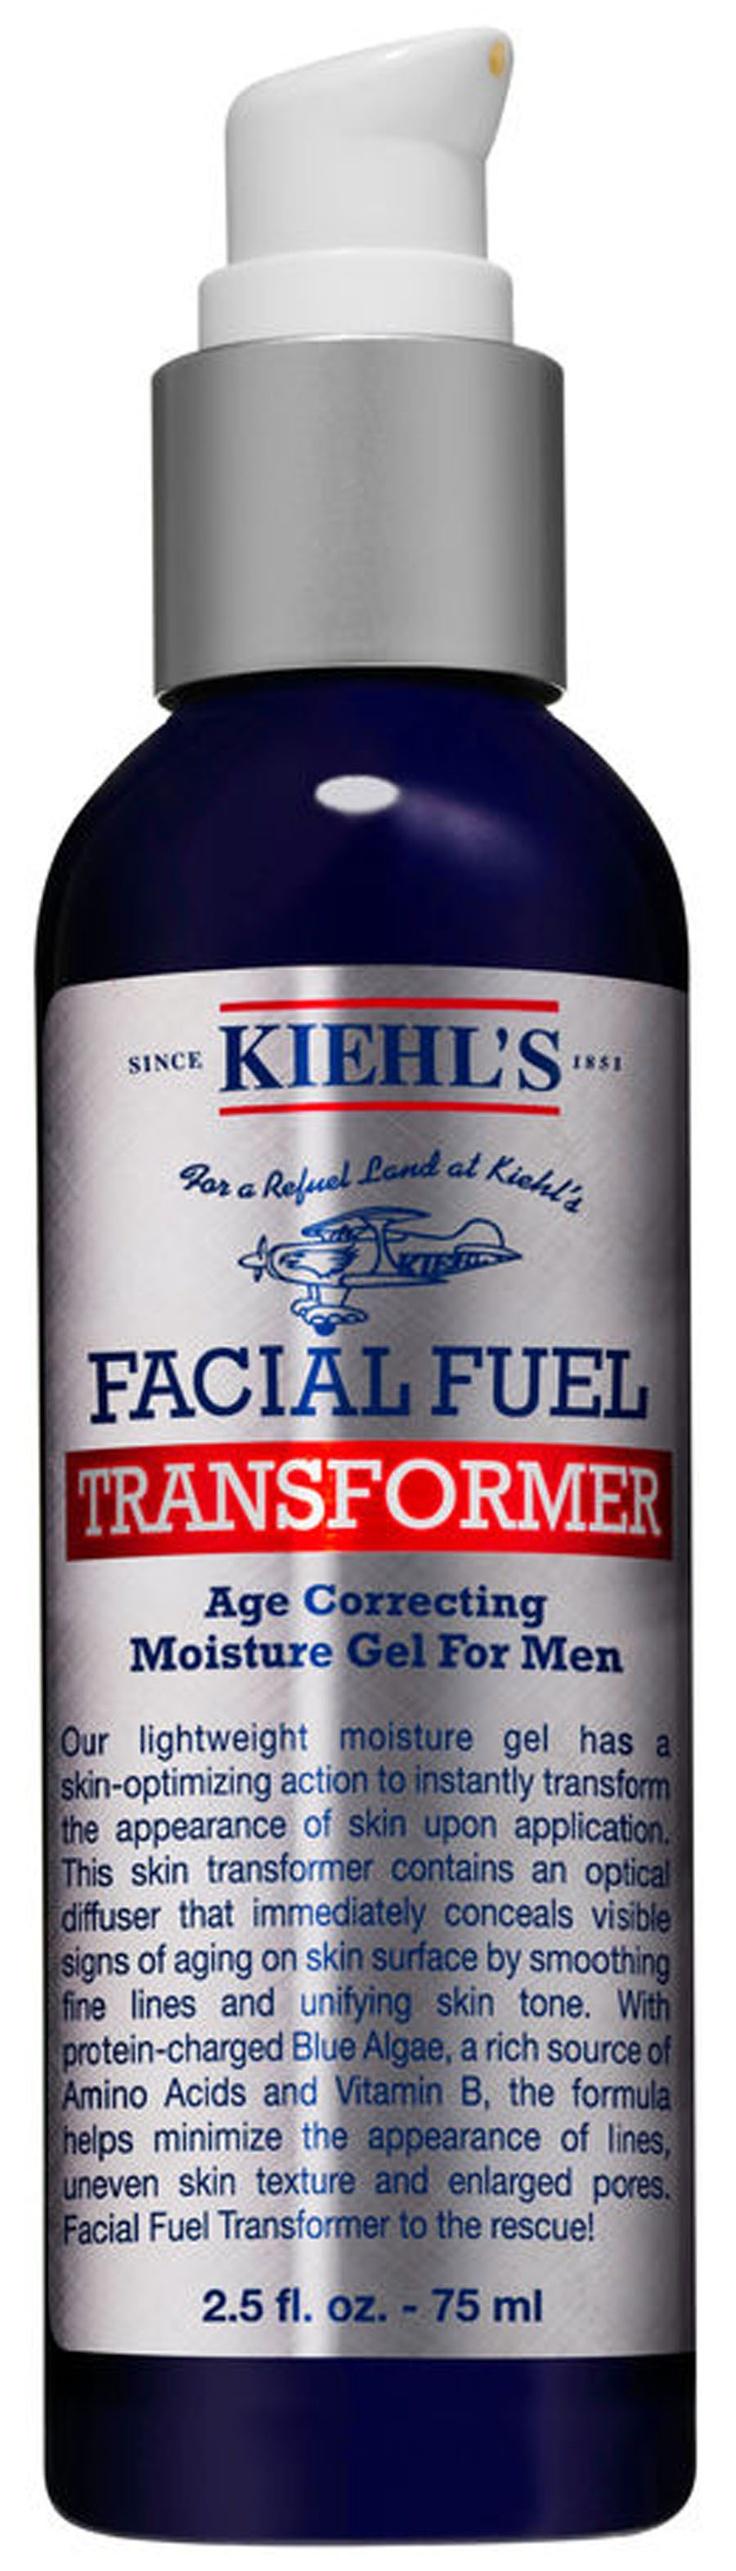 Kiehl's Fuel Transformer - www.kiehls.com